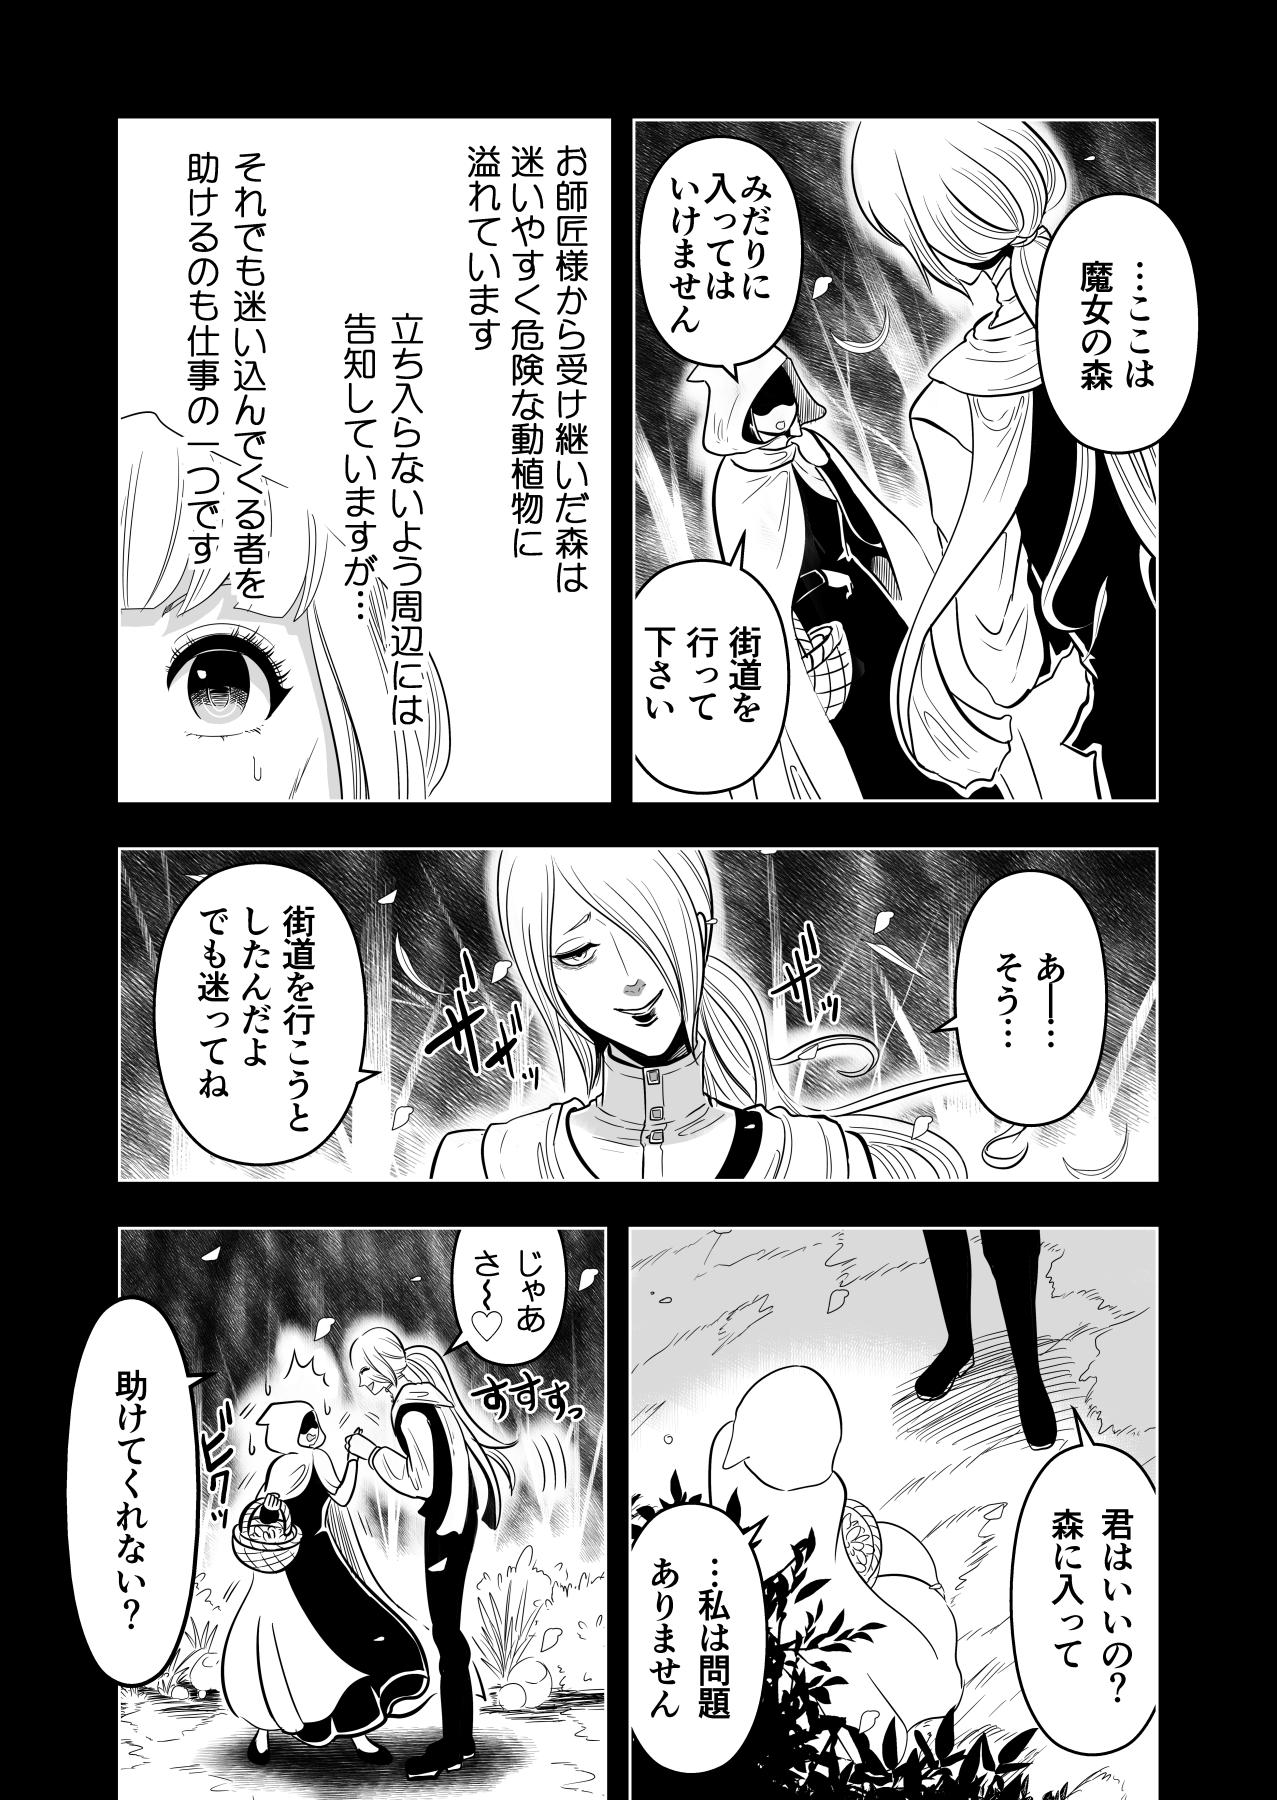 ヤサグレ魔女と第1王子と吸血鬼0038